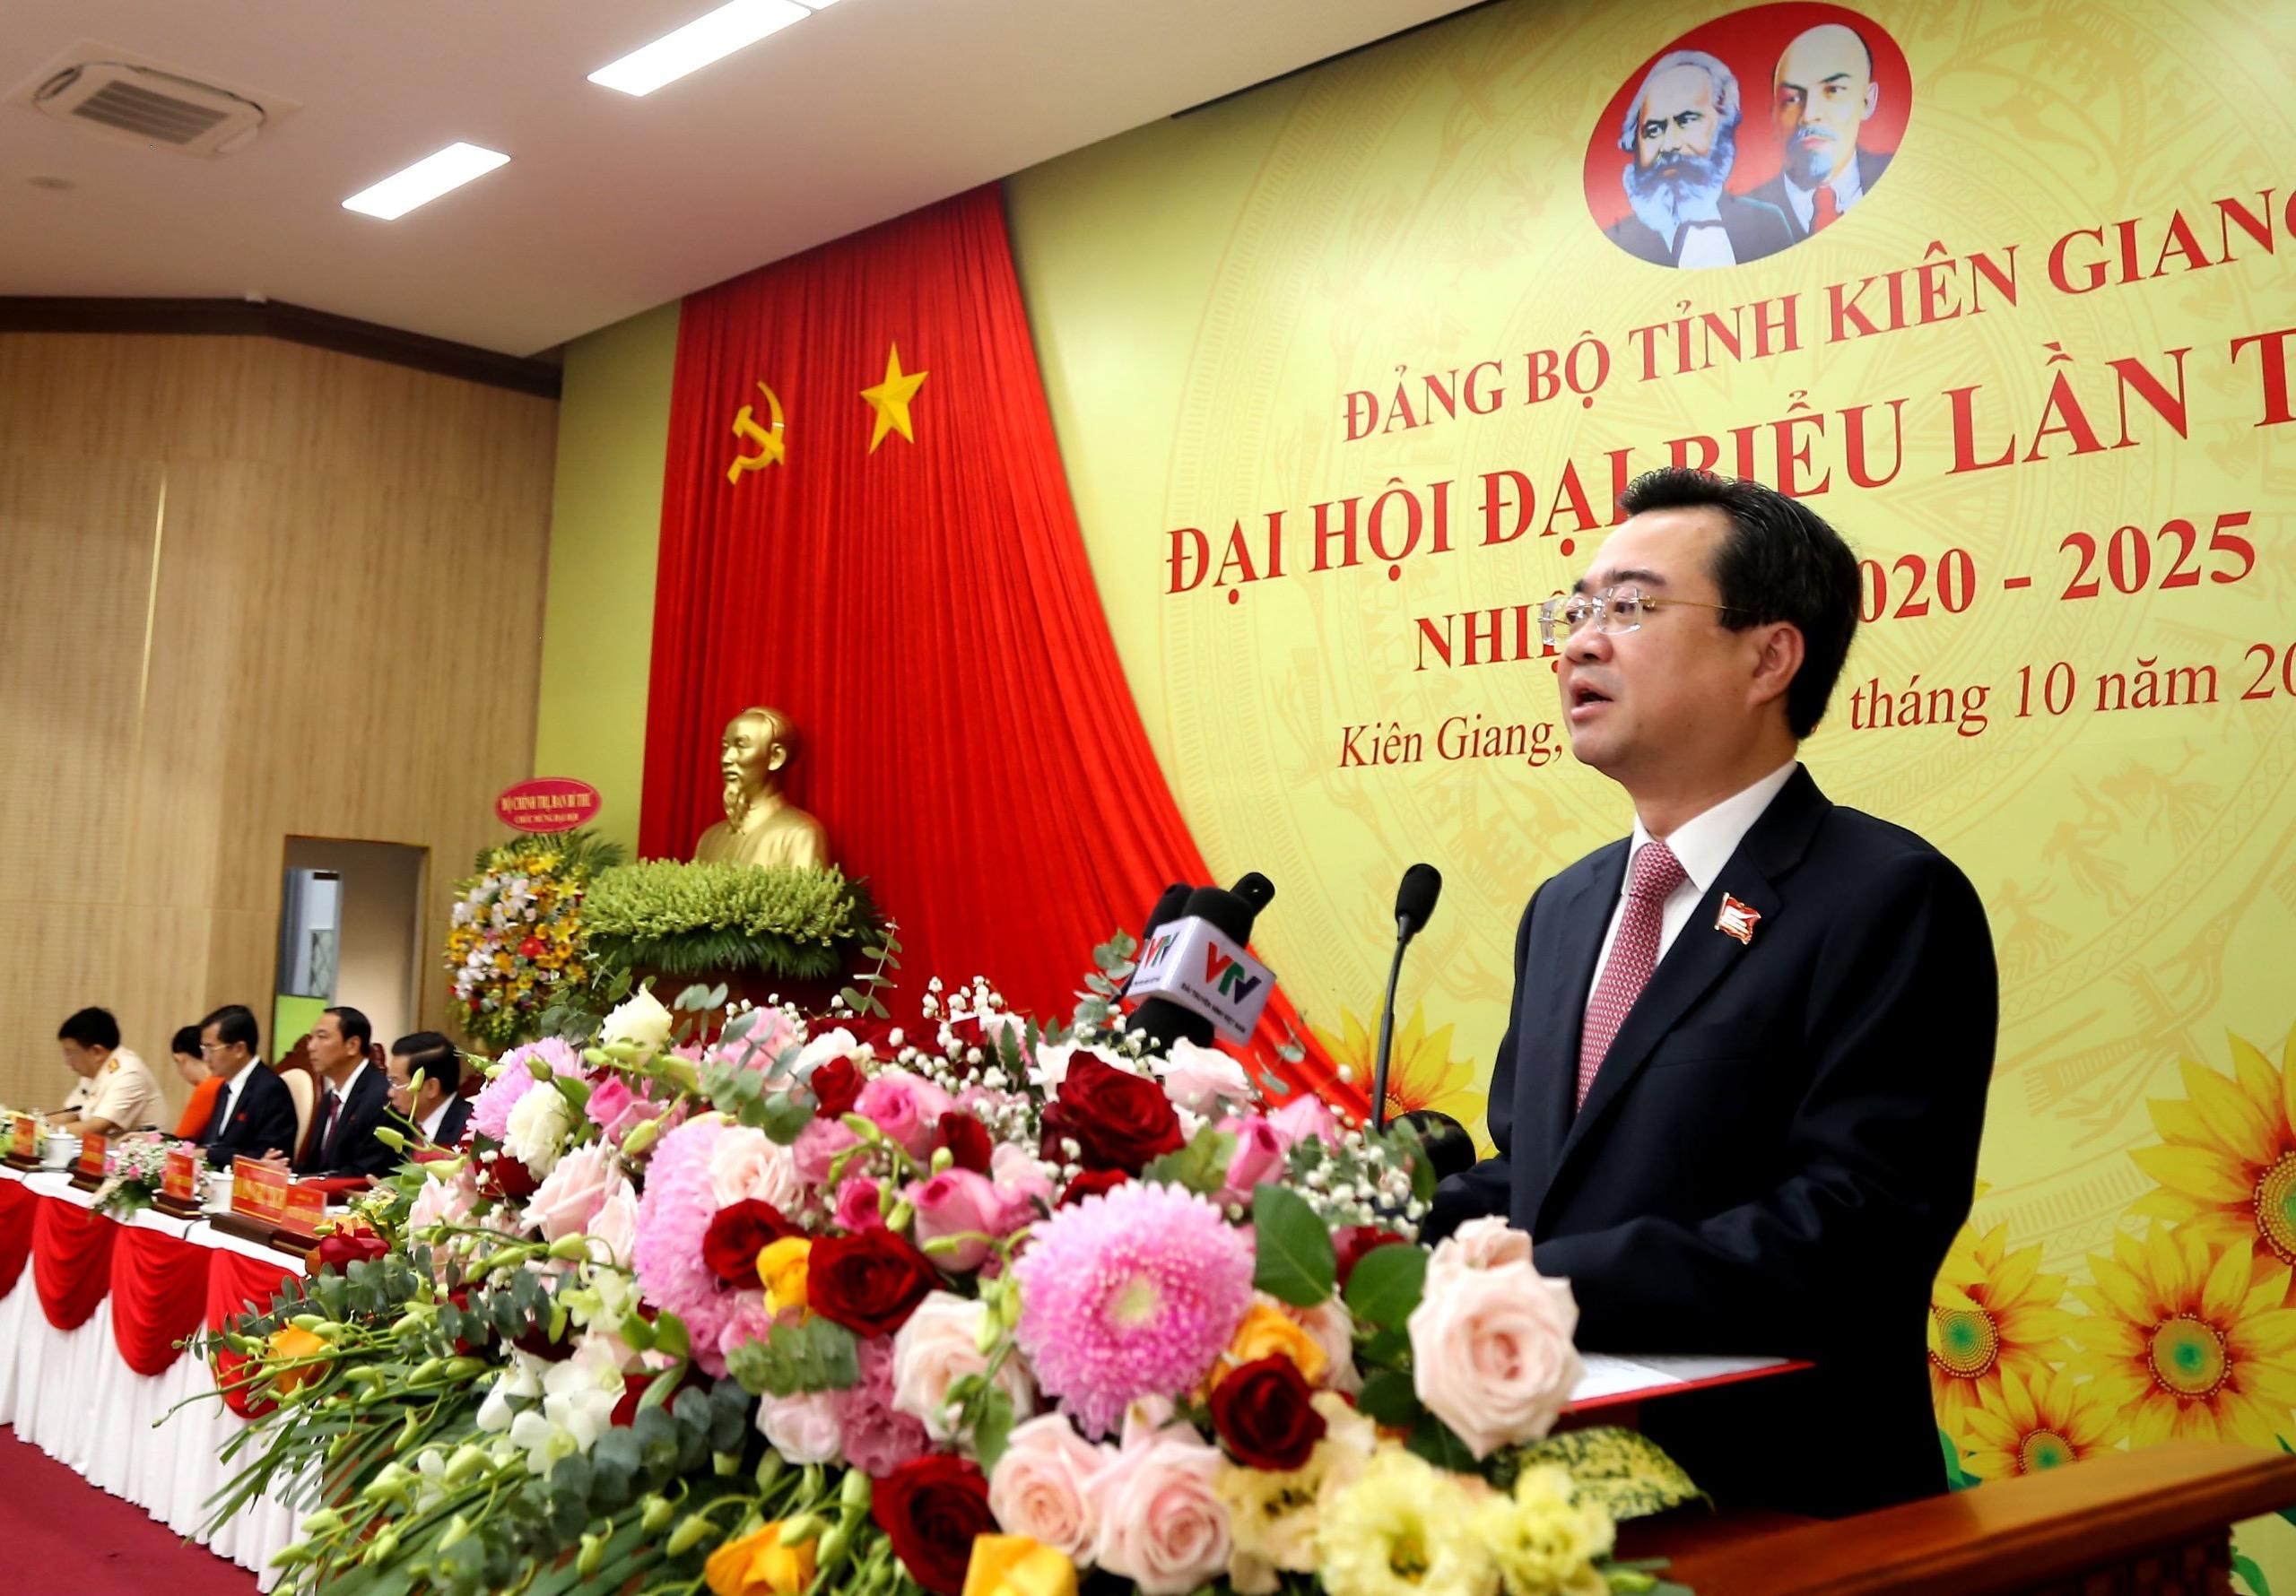 Khai mạc Đại hội Đảng bộ tỉnh Kiên Giang nhiệm kỳ 2020 – 2025 2